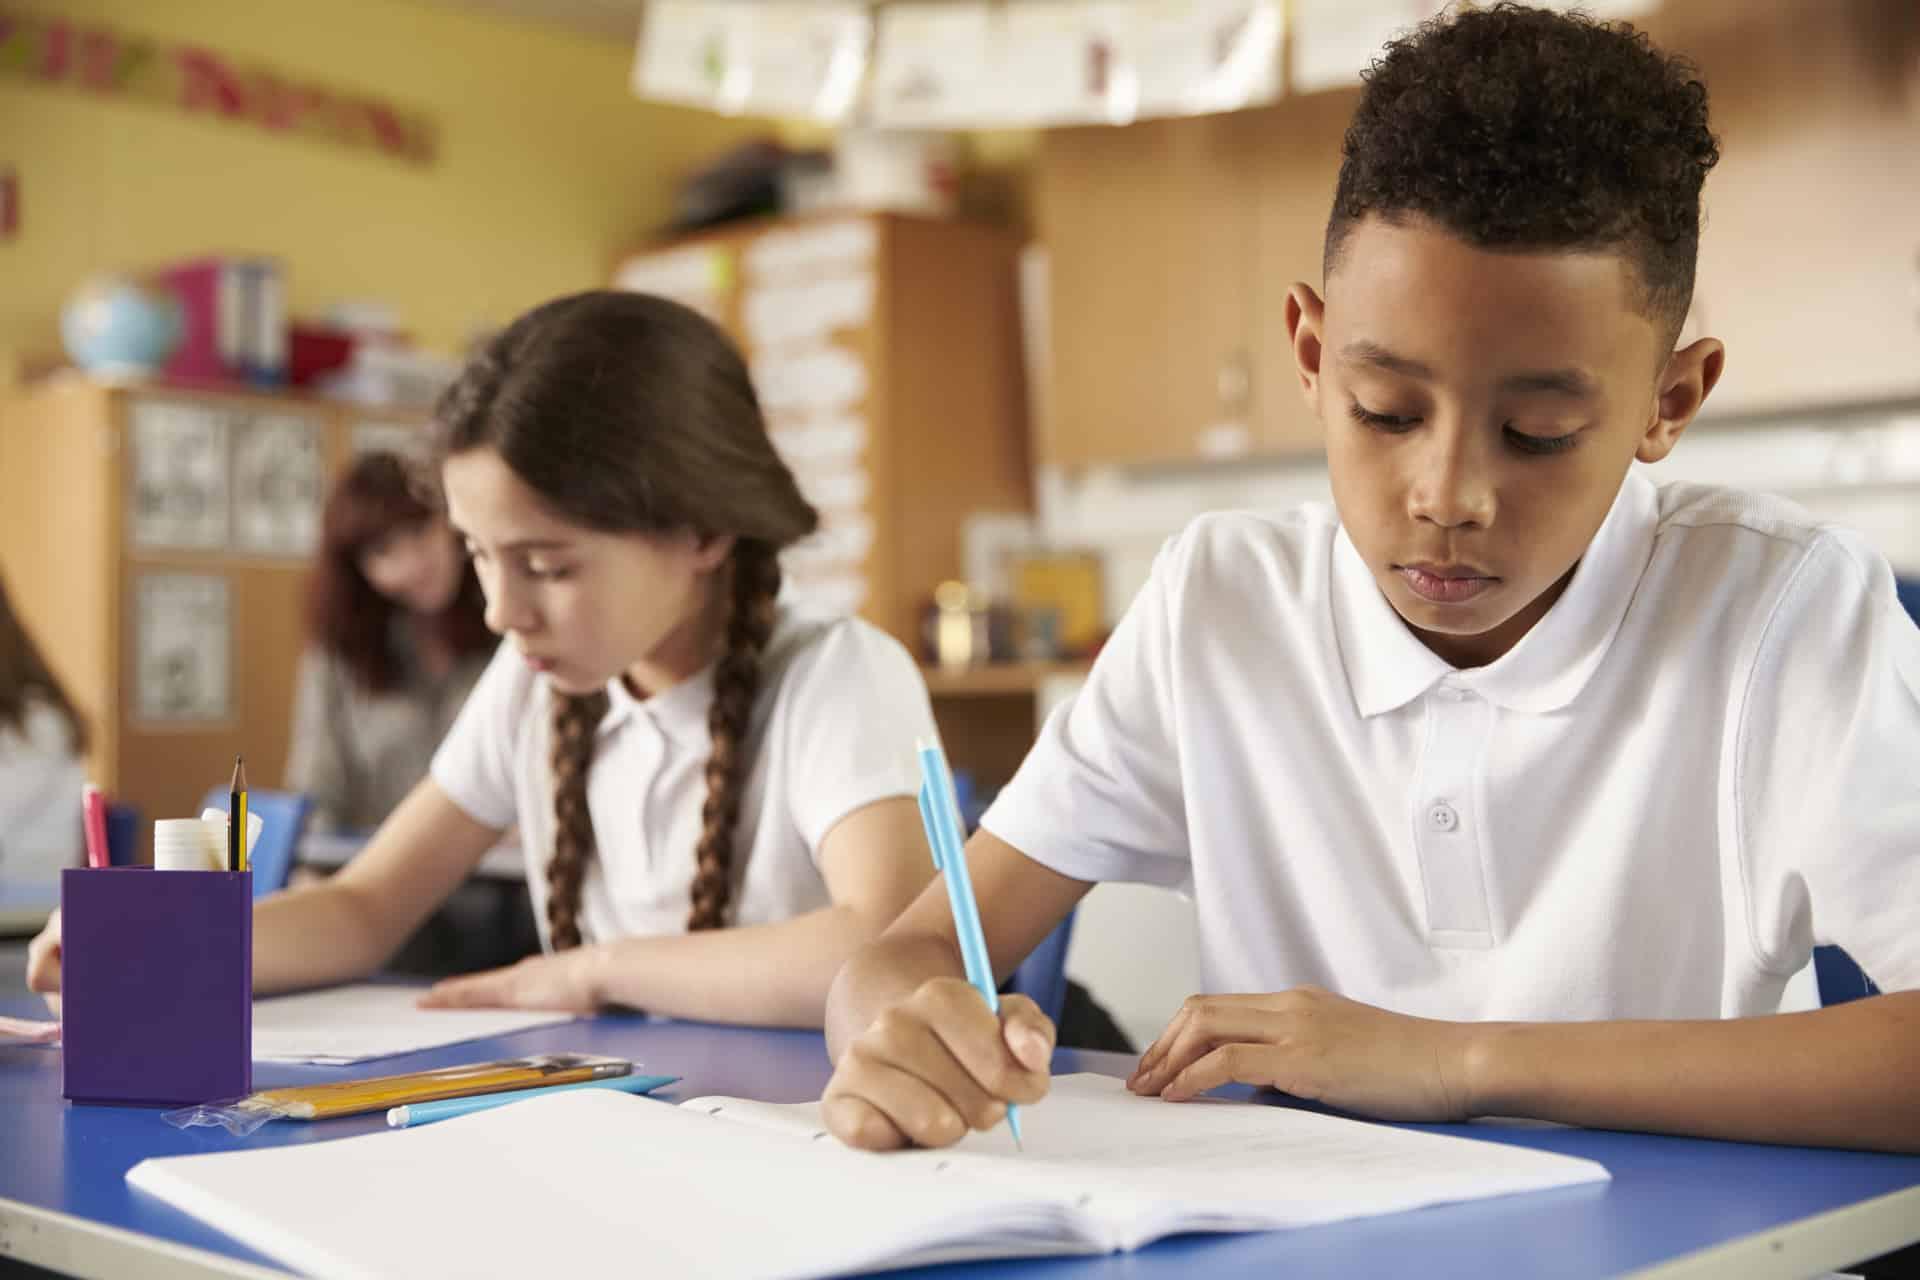 Xây dựng thói quen viết tiếng Anh hàng ngày là phương pháp hữu hiệu để cải thiện khả năng tiếng Anh